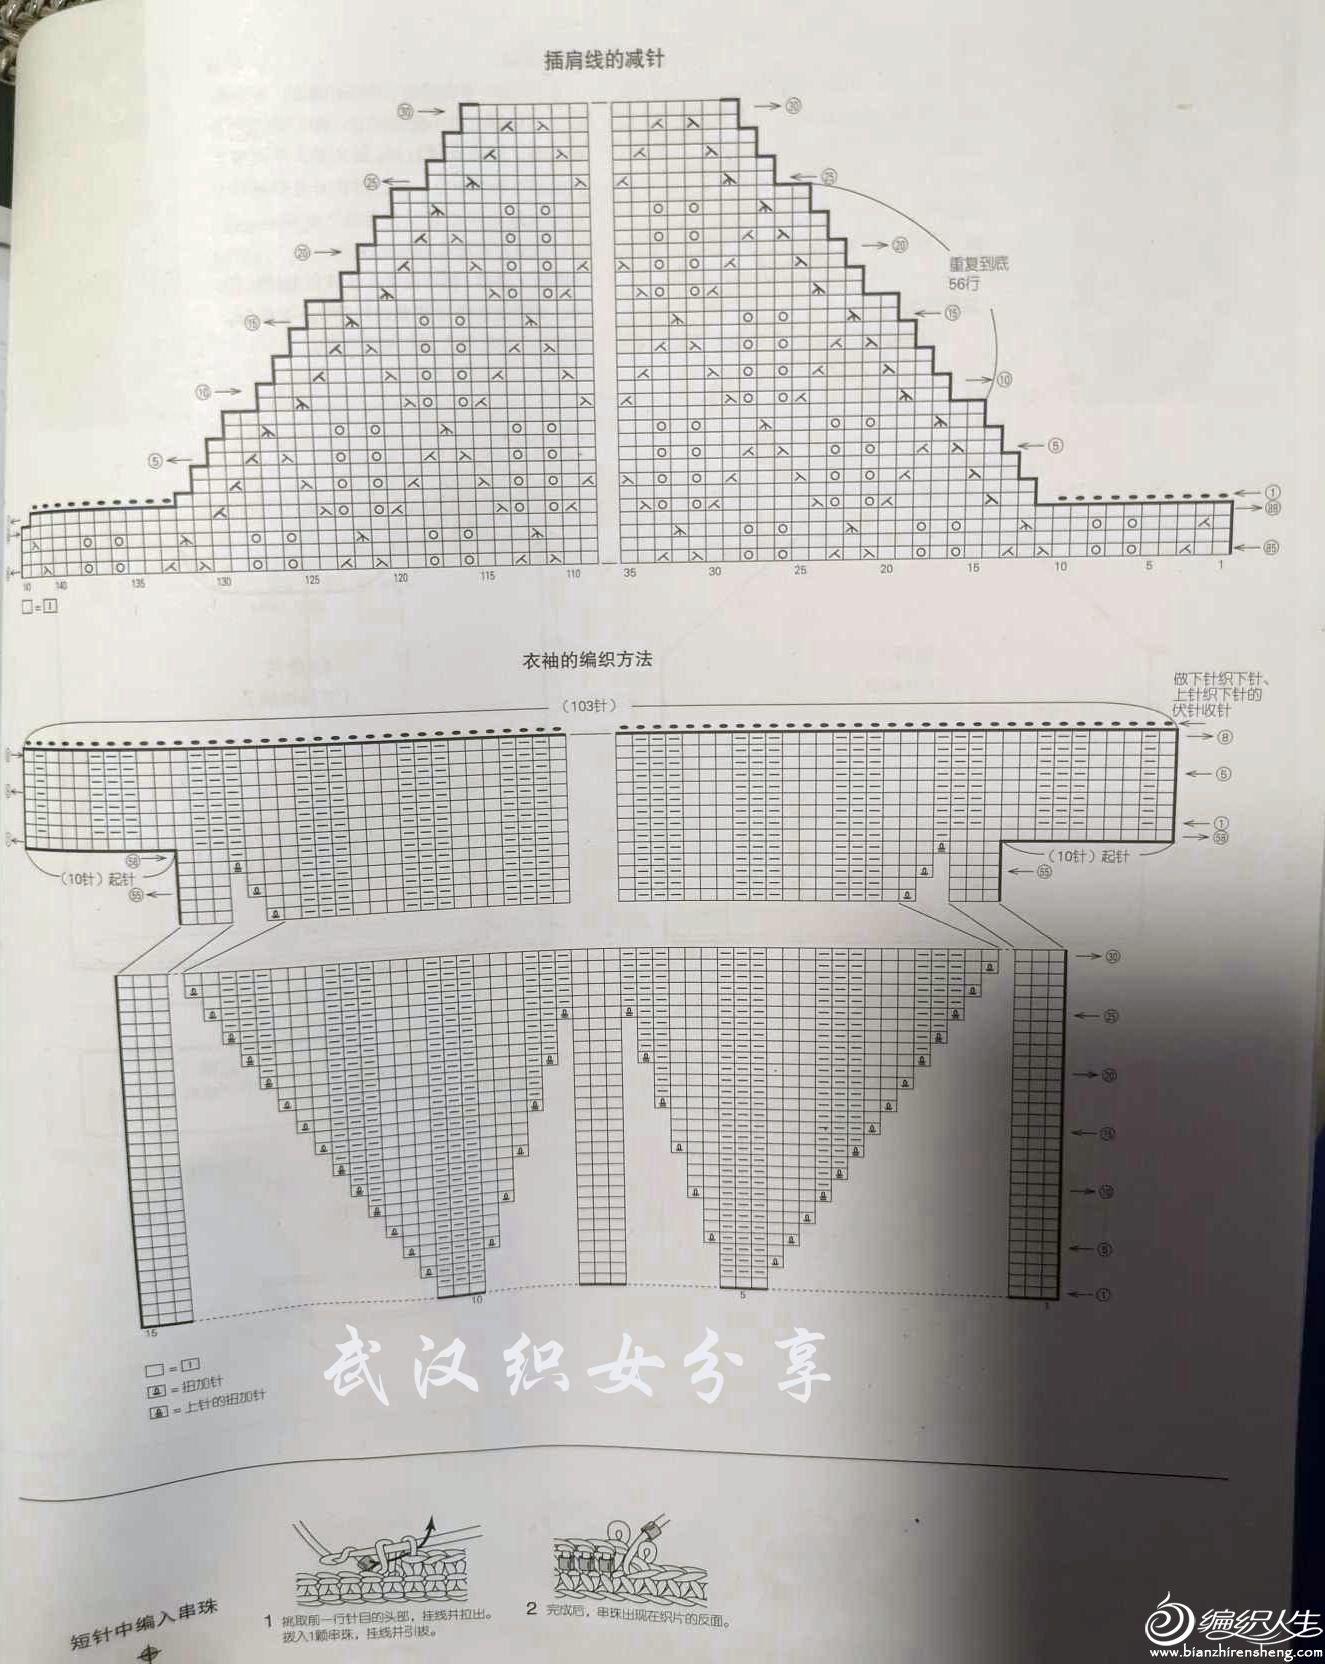 中文版解1_副本.jpg